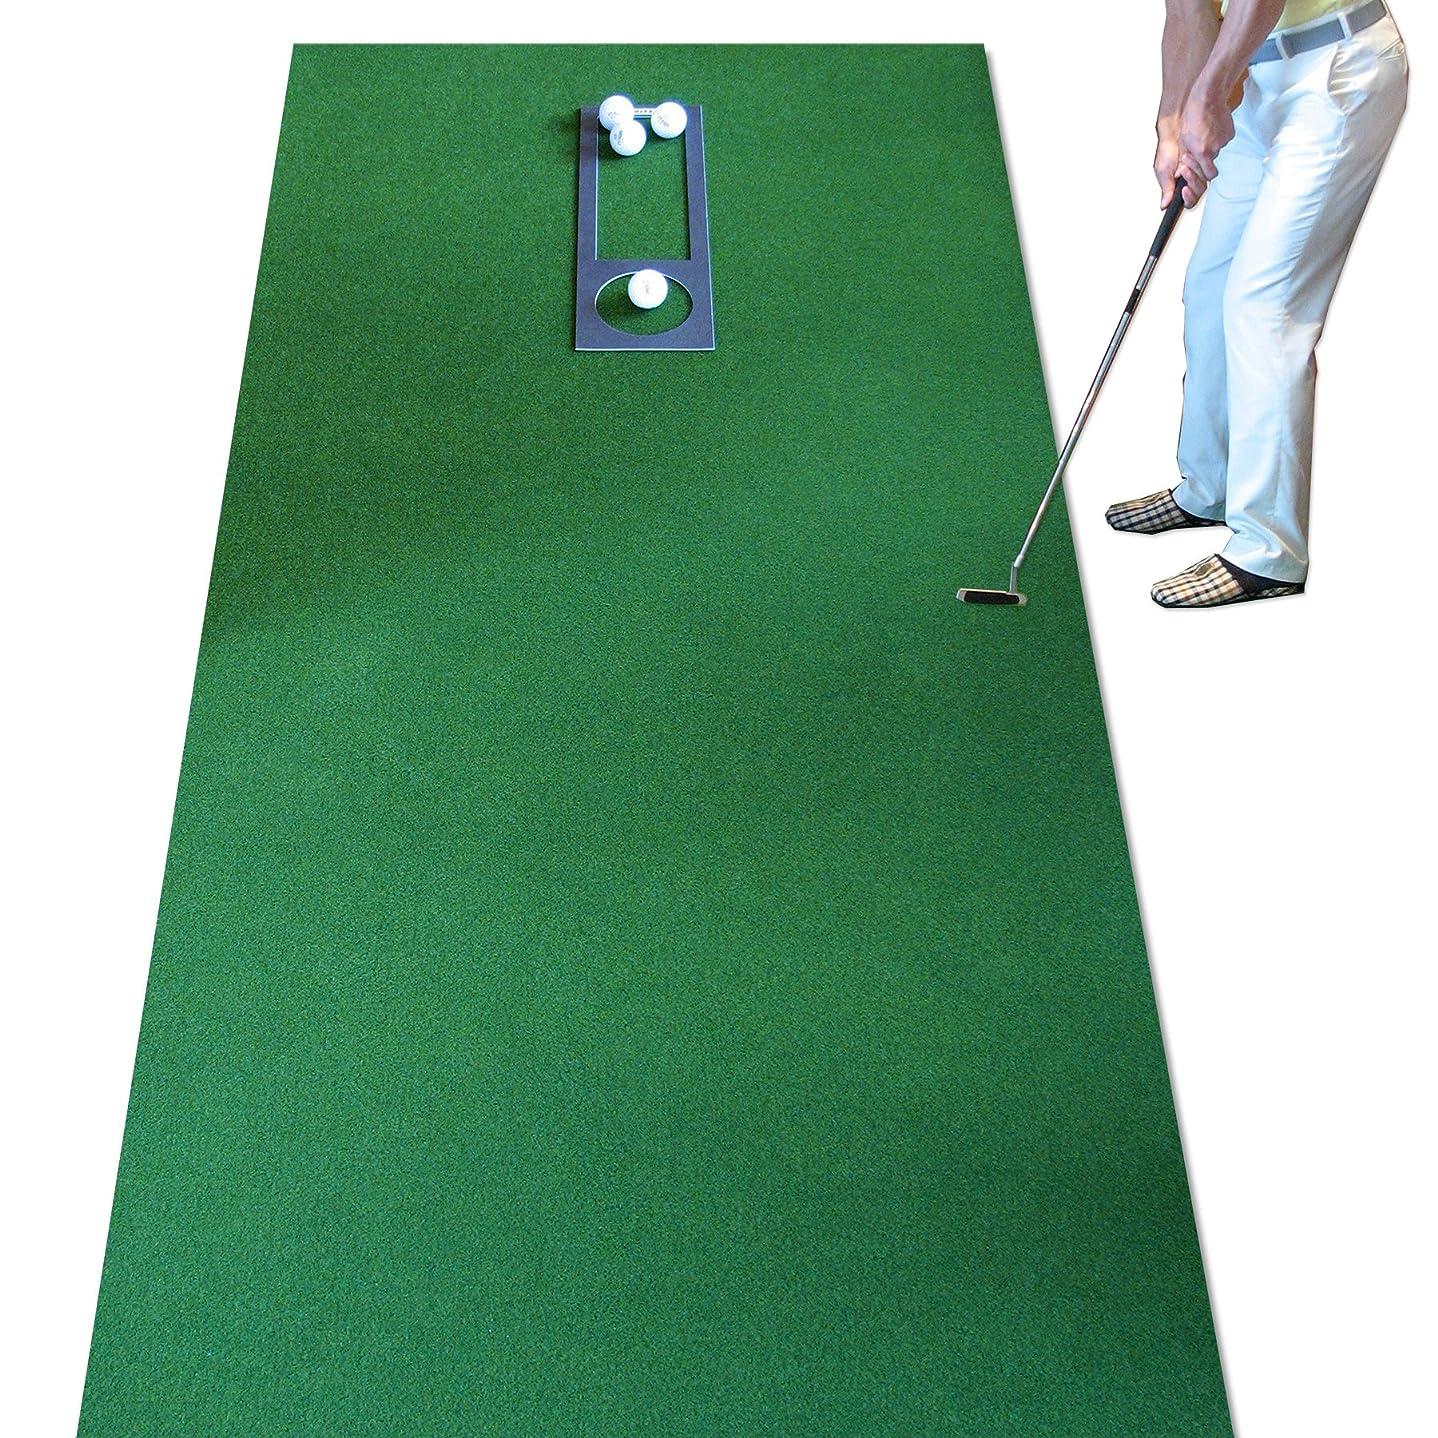 ギネス書き出すオーナメントパターマット工房PROゴルフショップ スーパーベント パターマット(SUPERBENT)90cm×4m 距離感マスターカップ付き